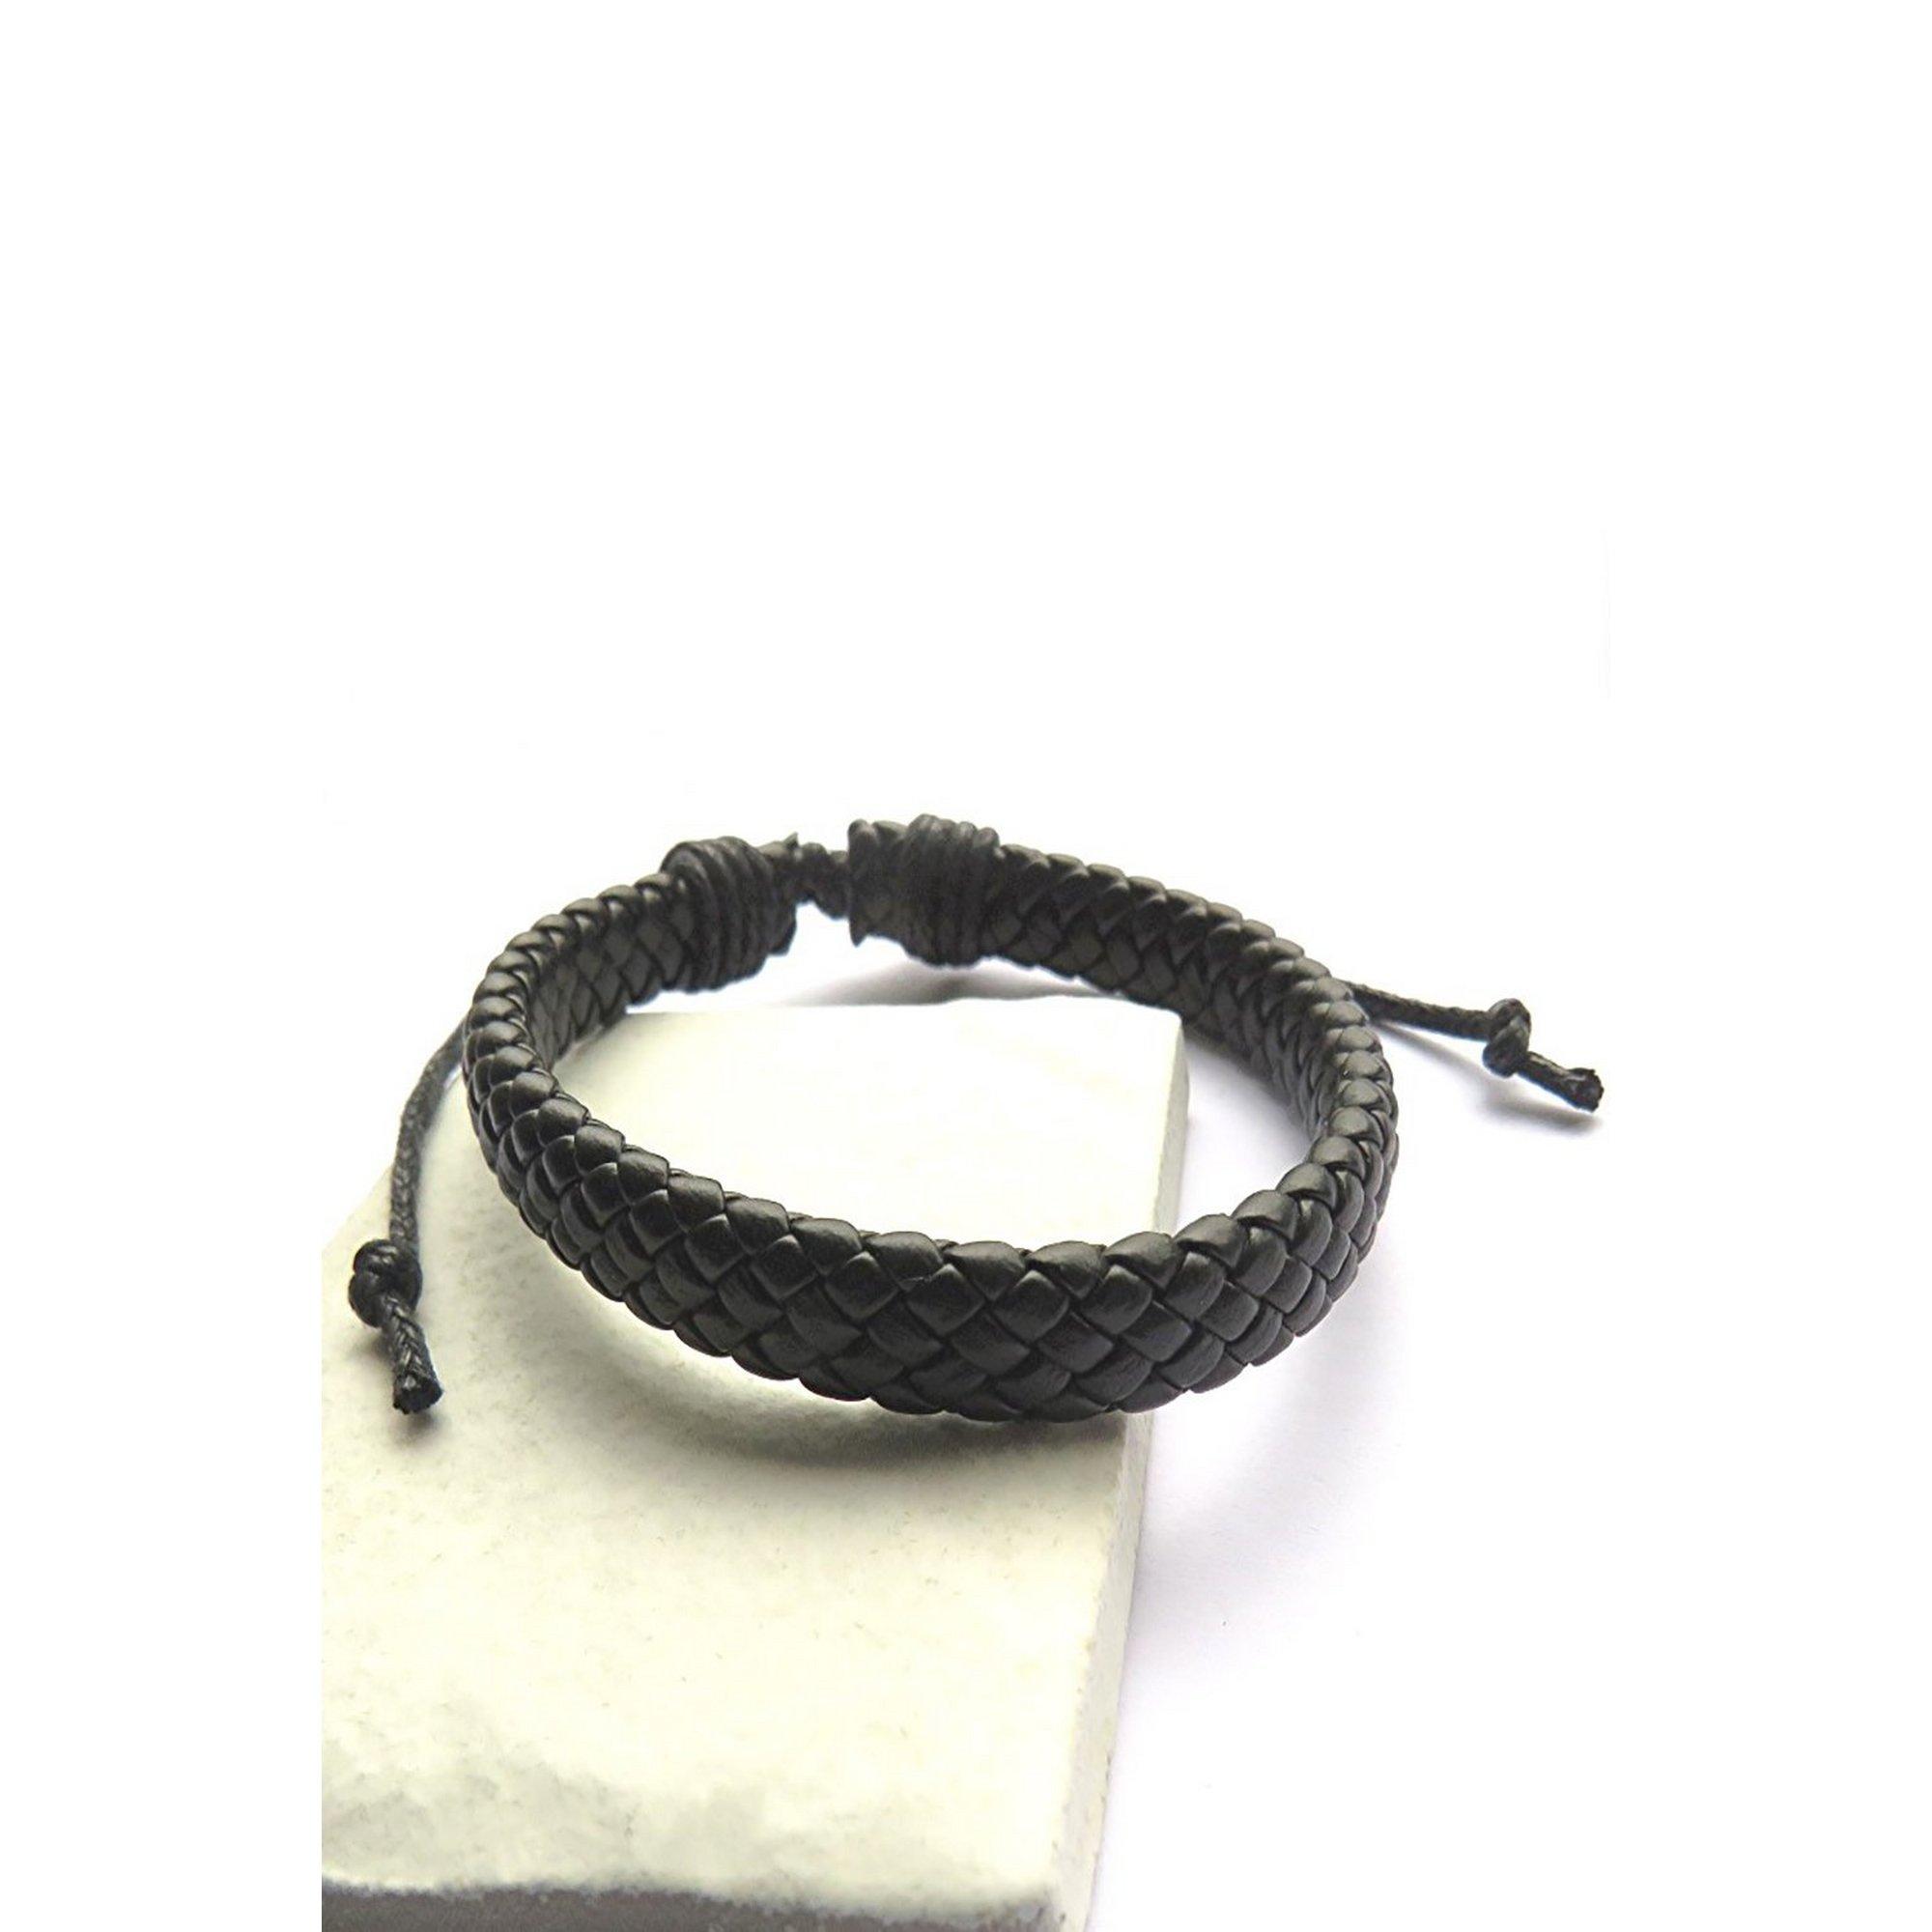 Image of Black Leather Weave Bracelet